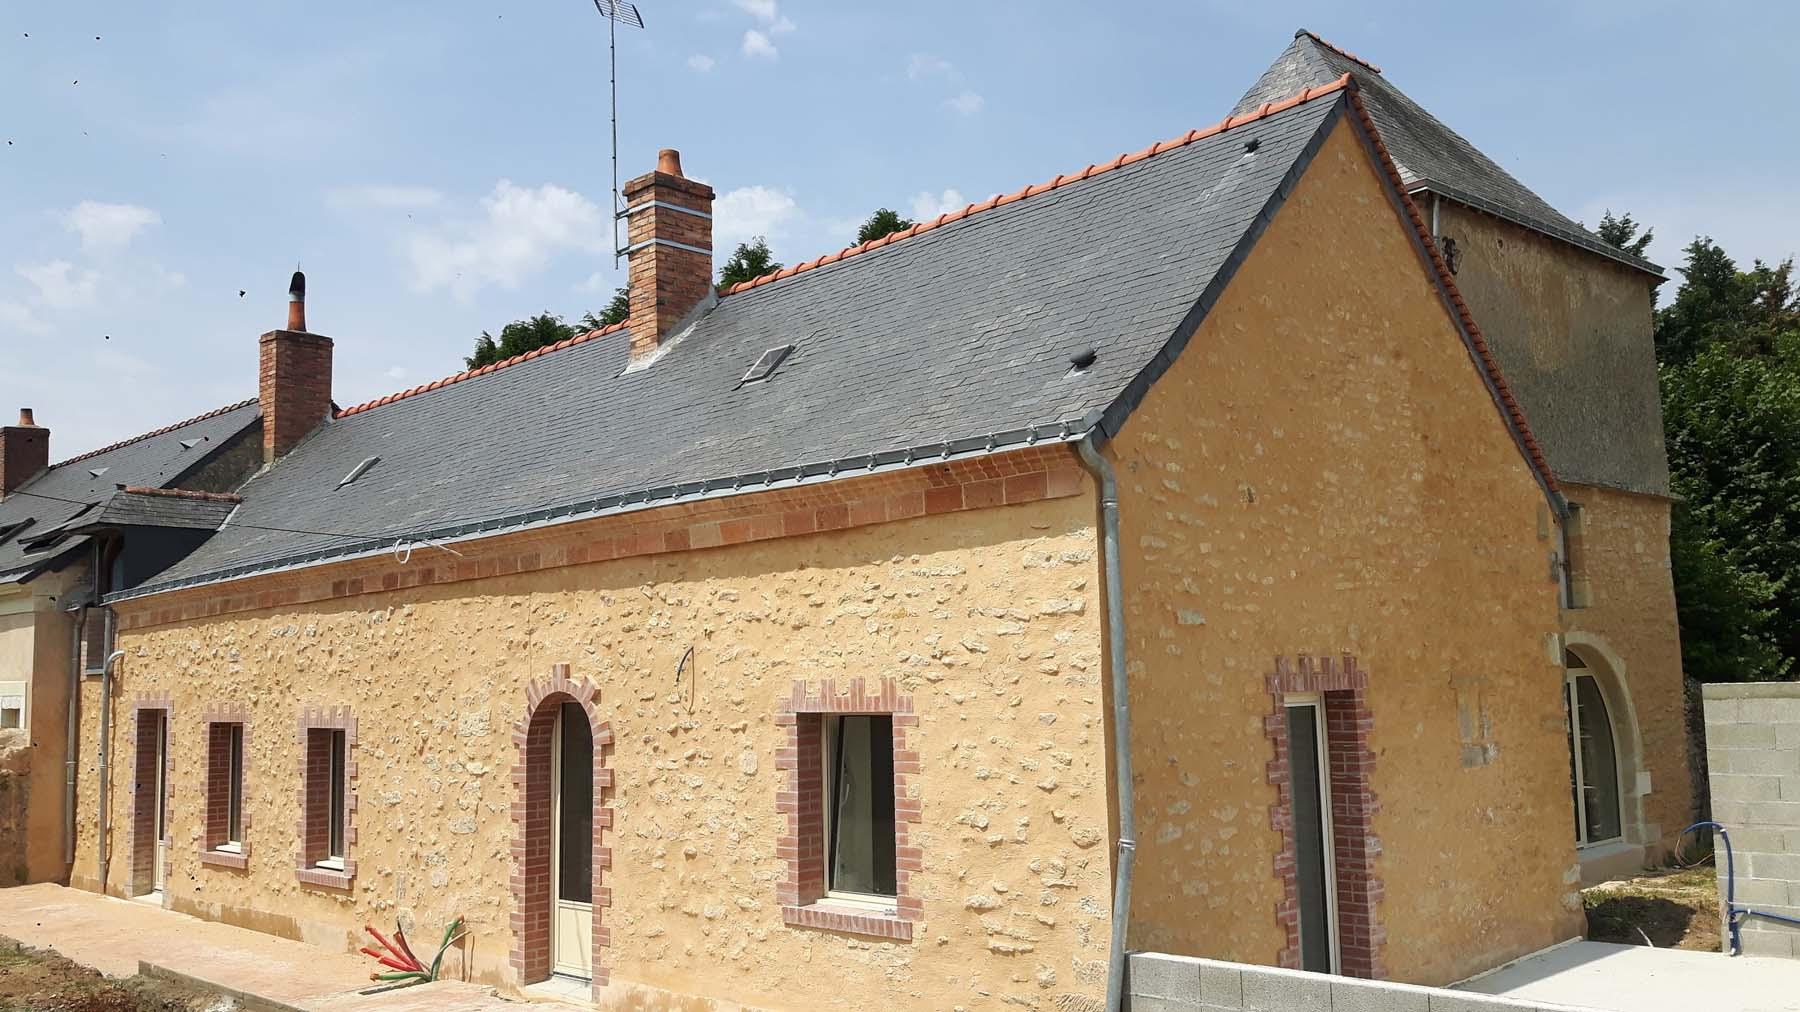 Rénovation d'une ancienne écurie en maison d'habitation